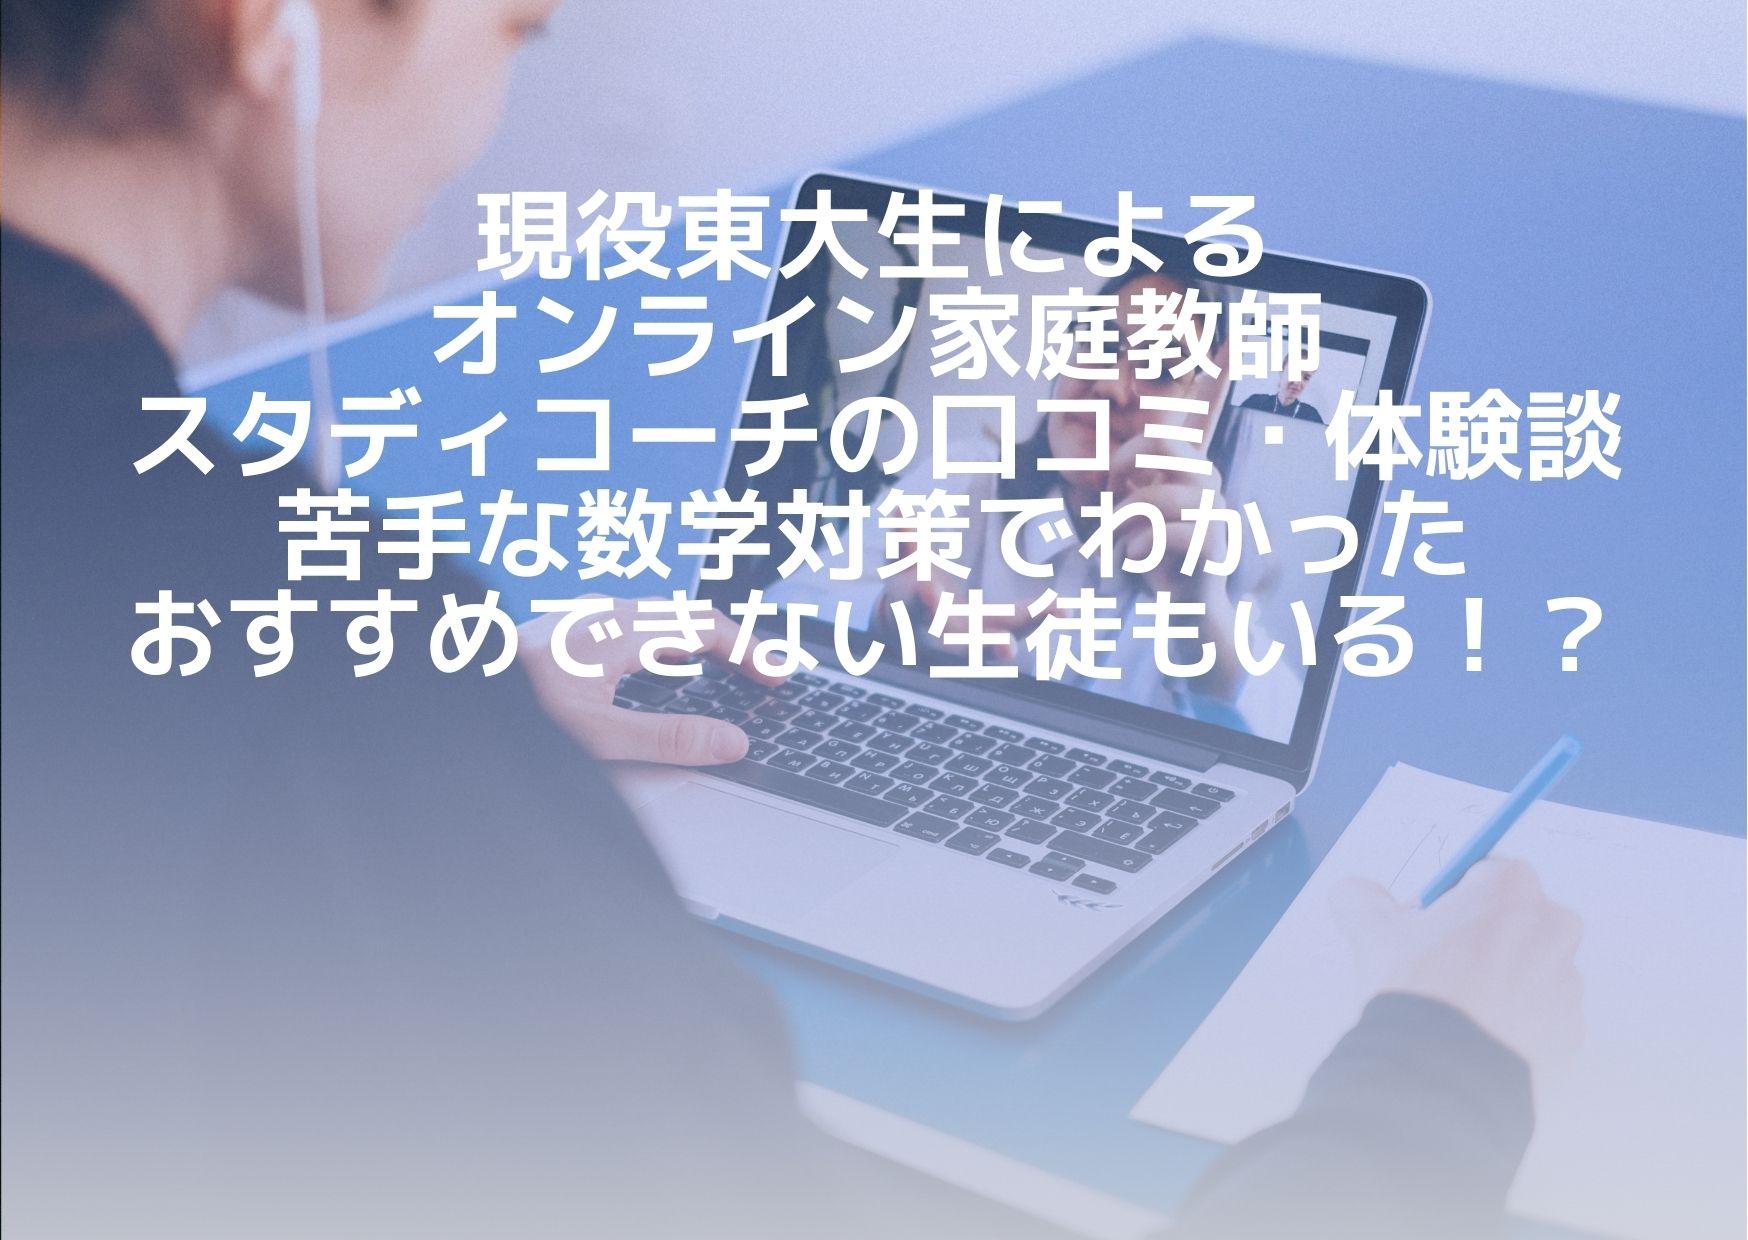 スタディコーチの口コミ・体験談 東大生の指導がおすすめできない生徒もいる!